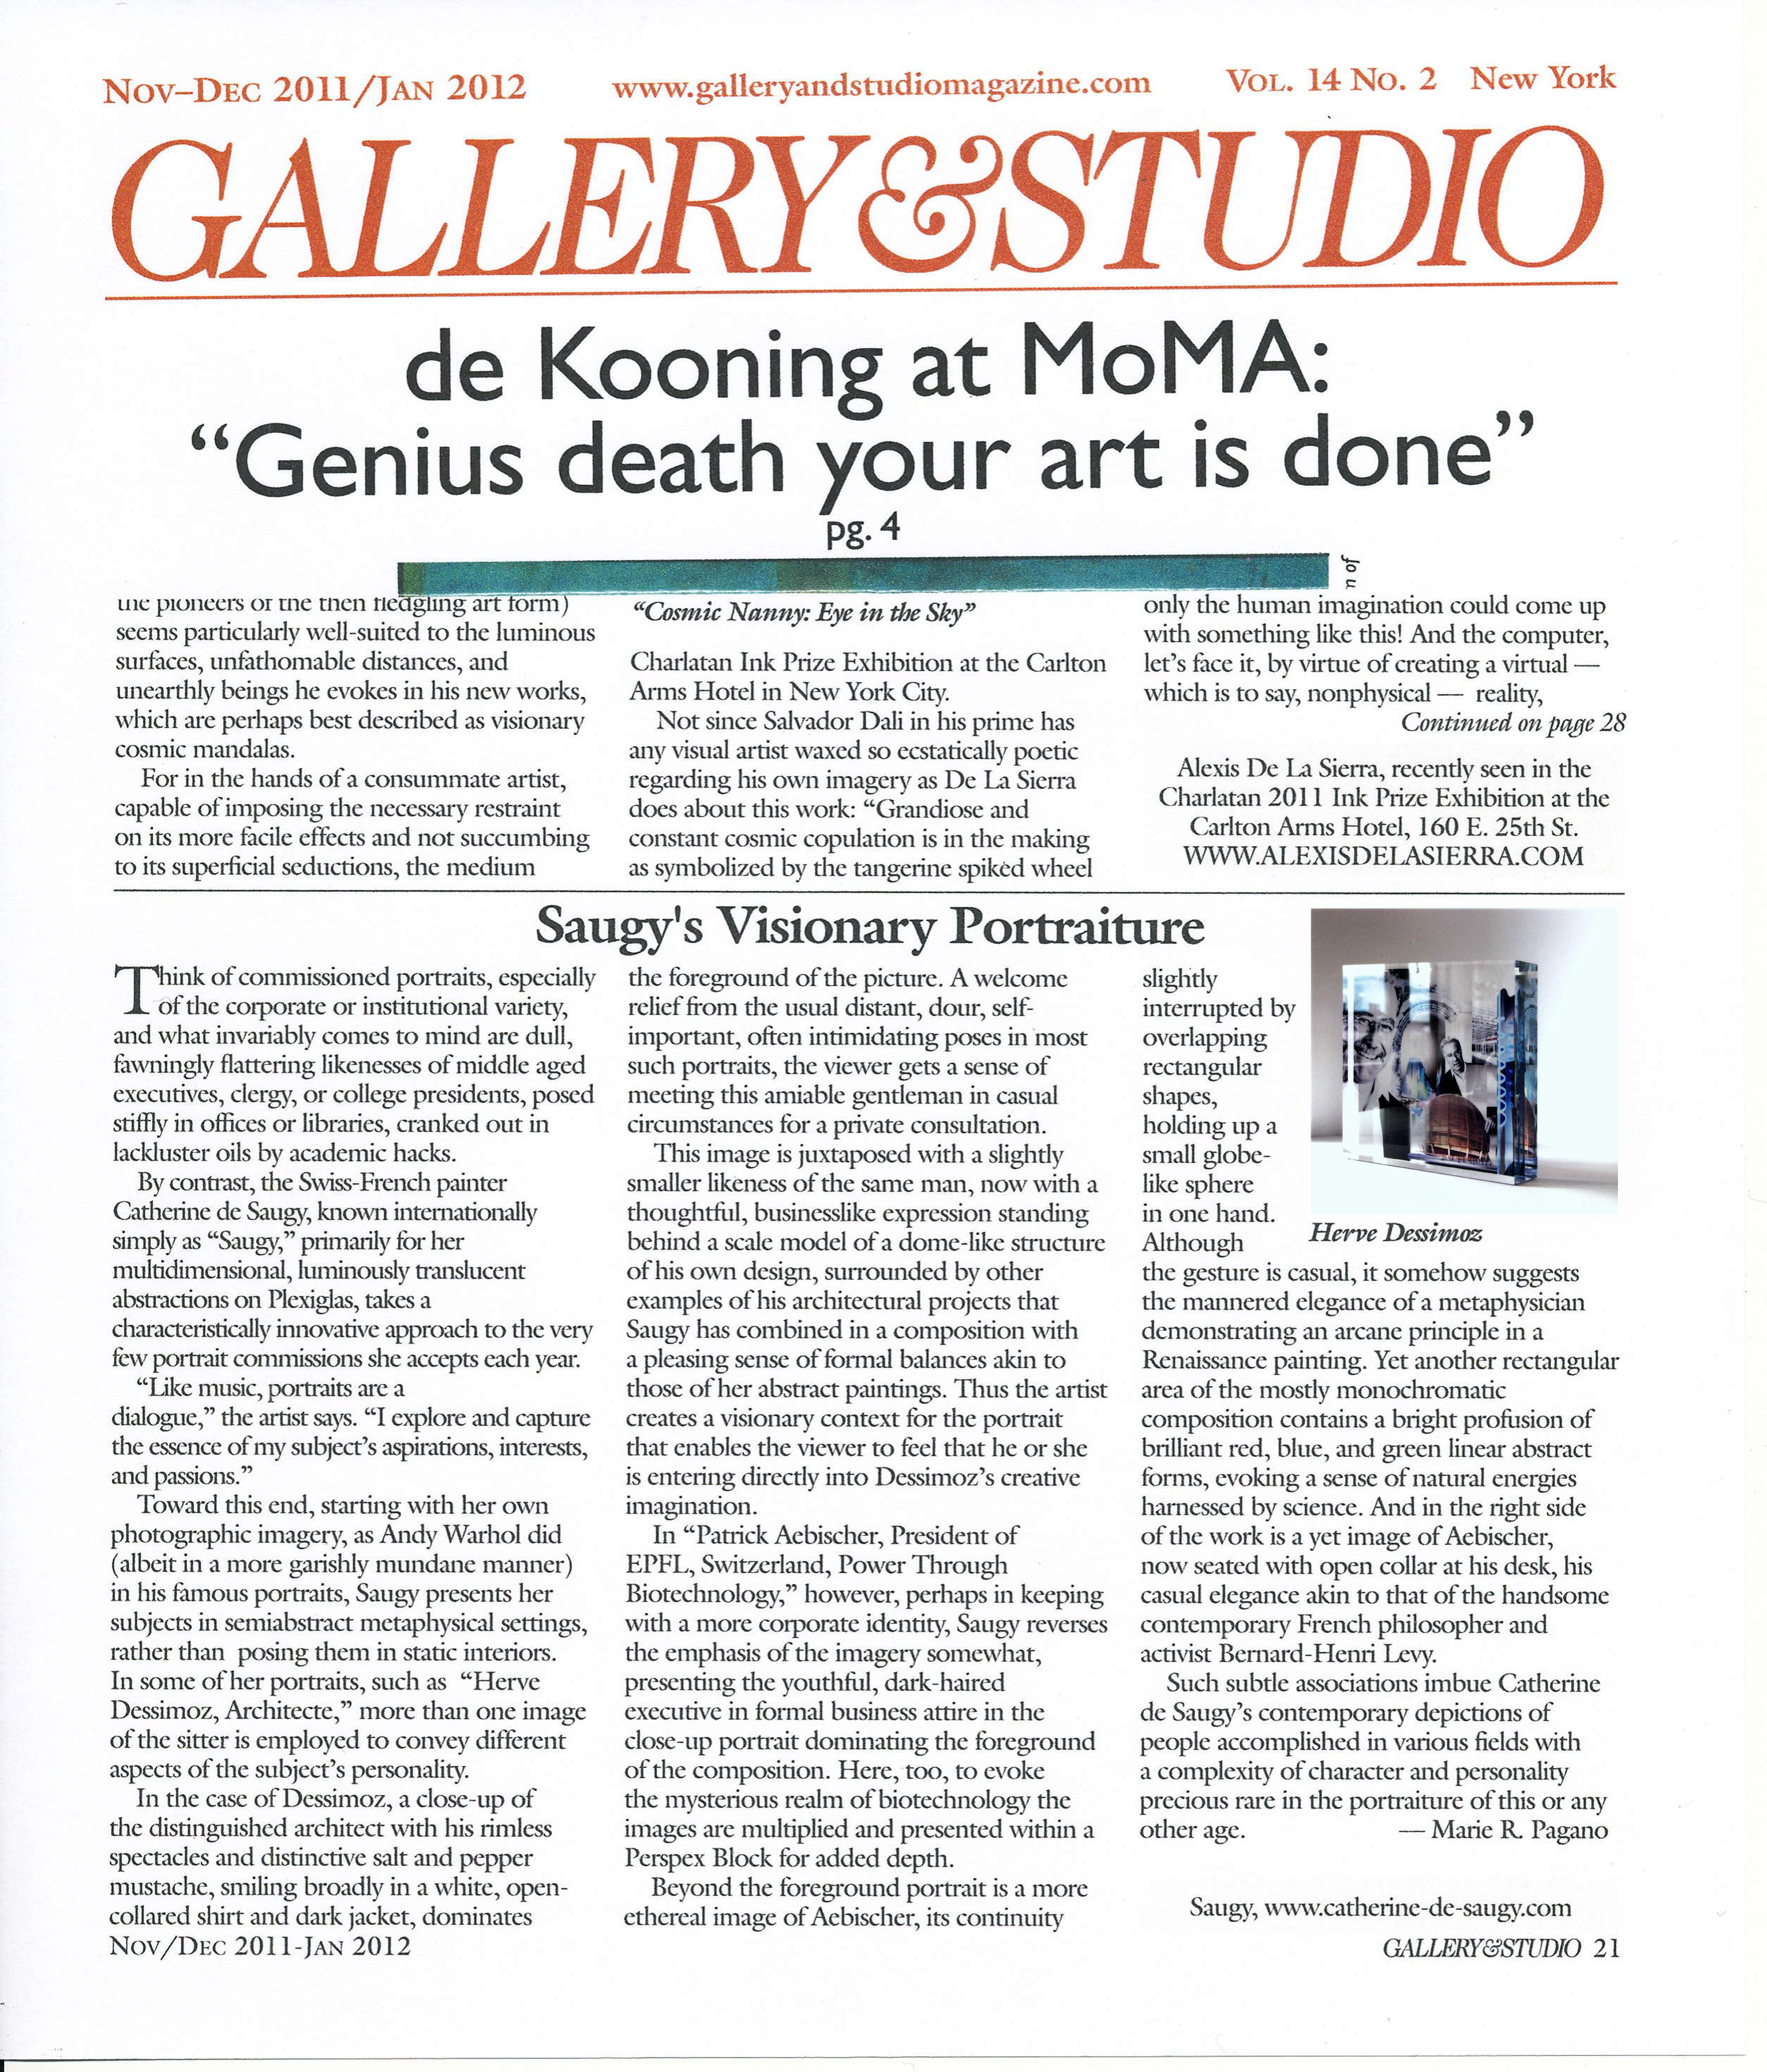 2012 Gallery & Studio N.Y. Maria PAGANO